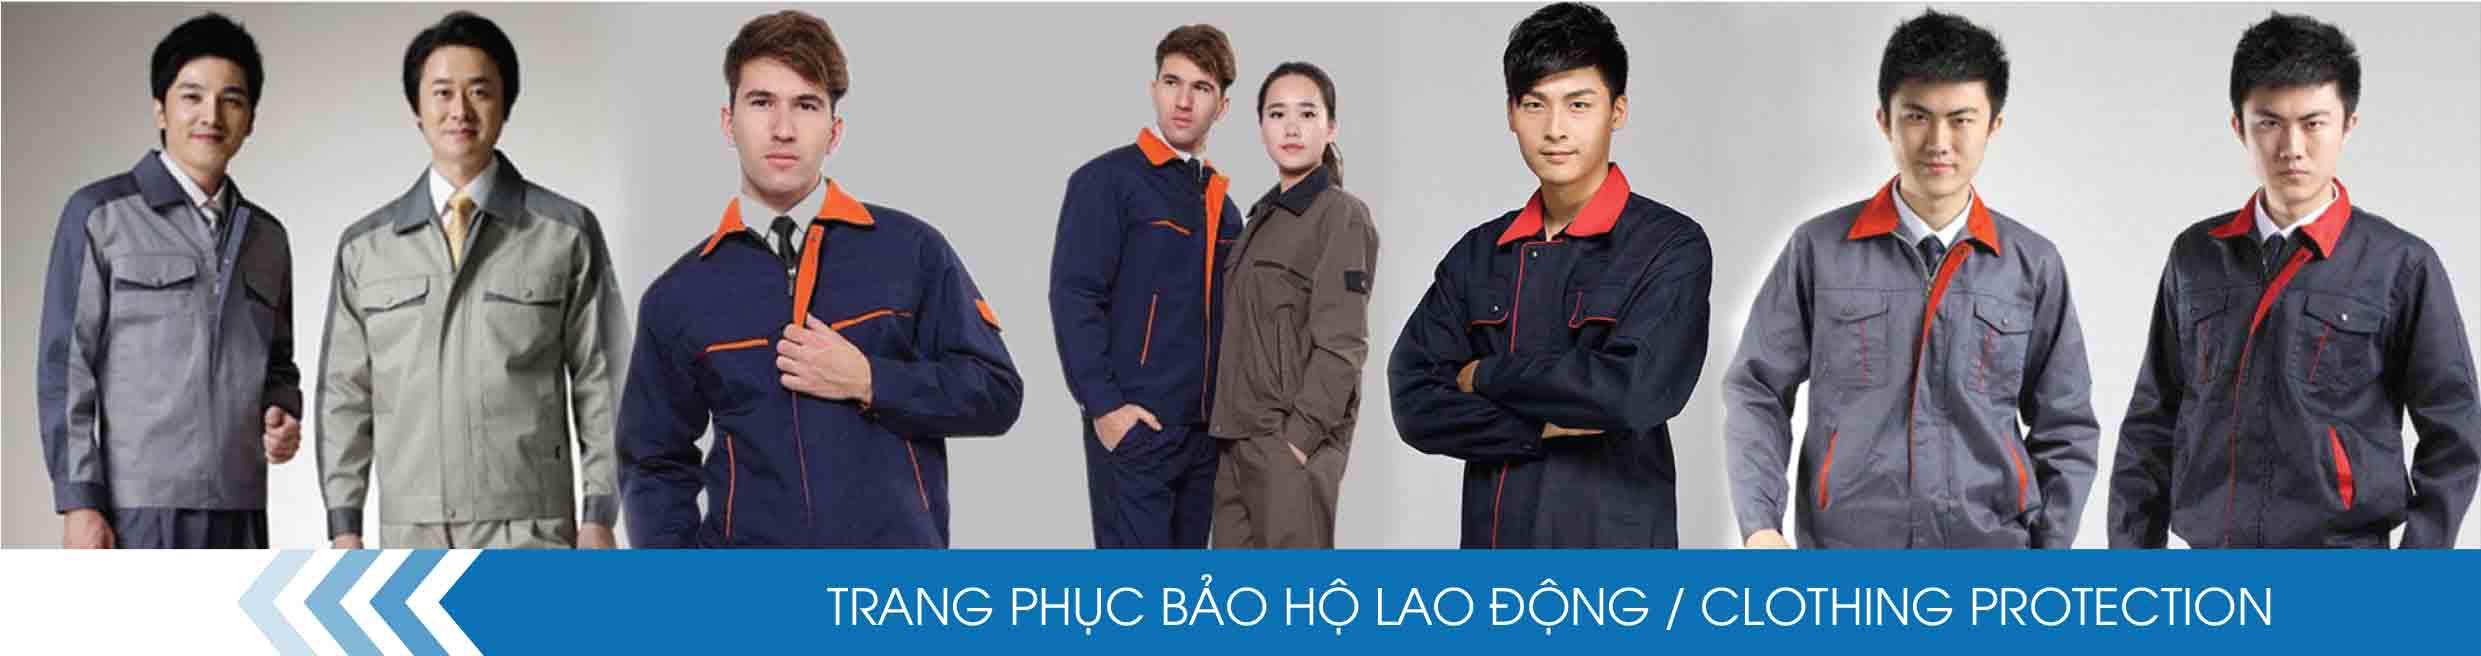 (Tiếng Việt) Trang phuc bao ho lao dong